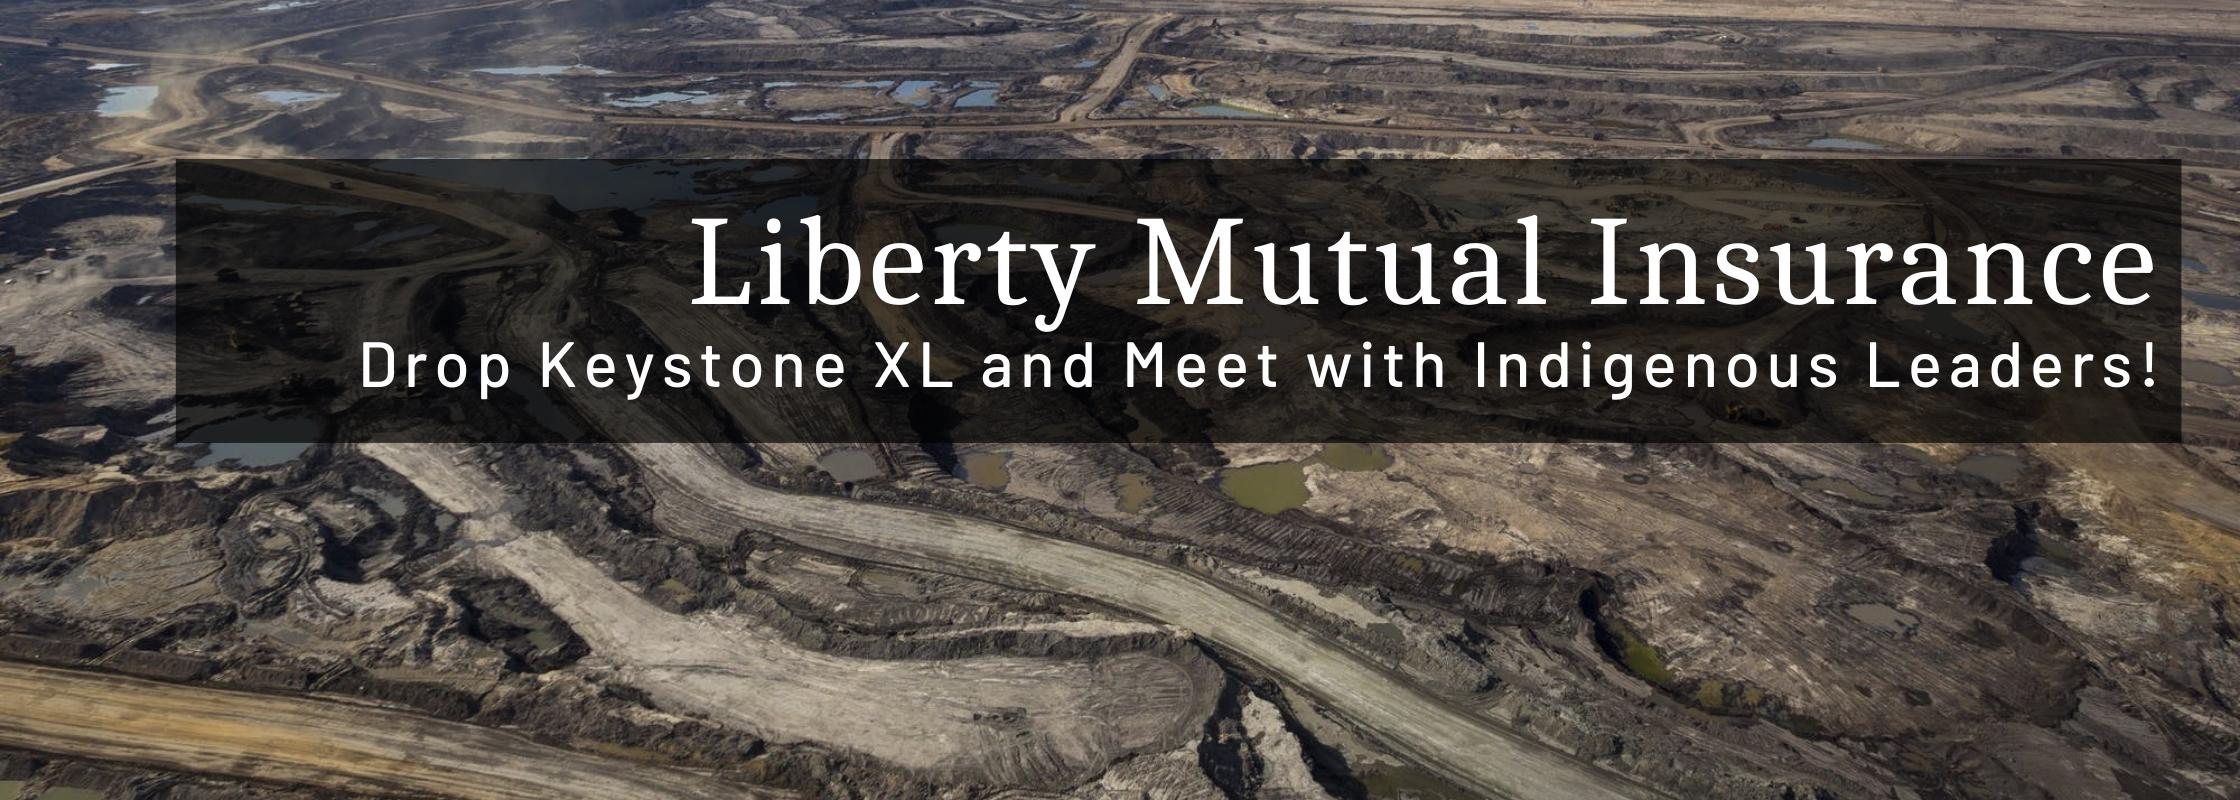 Liberty_mutual_campaign_(2)